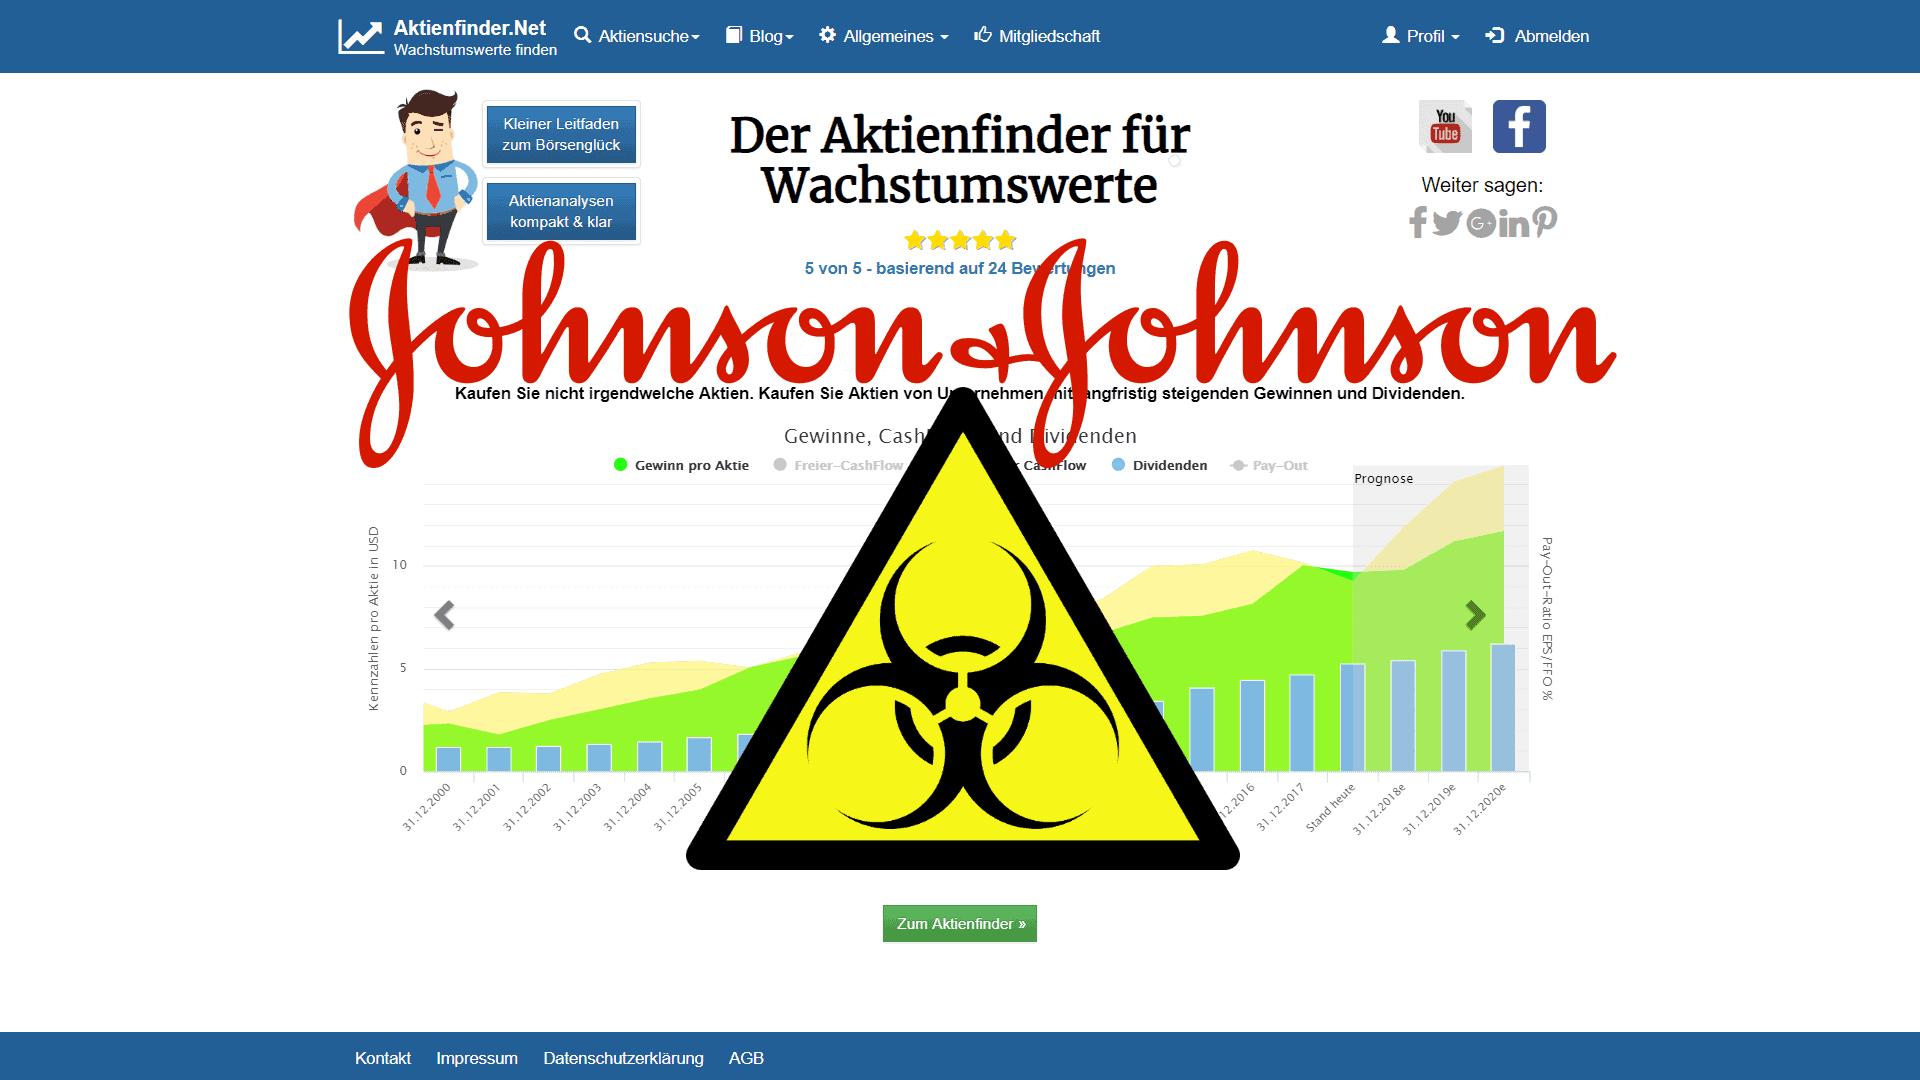 Zum Video: Johnson & Johnson Aktie – Asbest: Tödliche Dosis für Investoren?